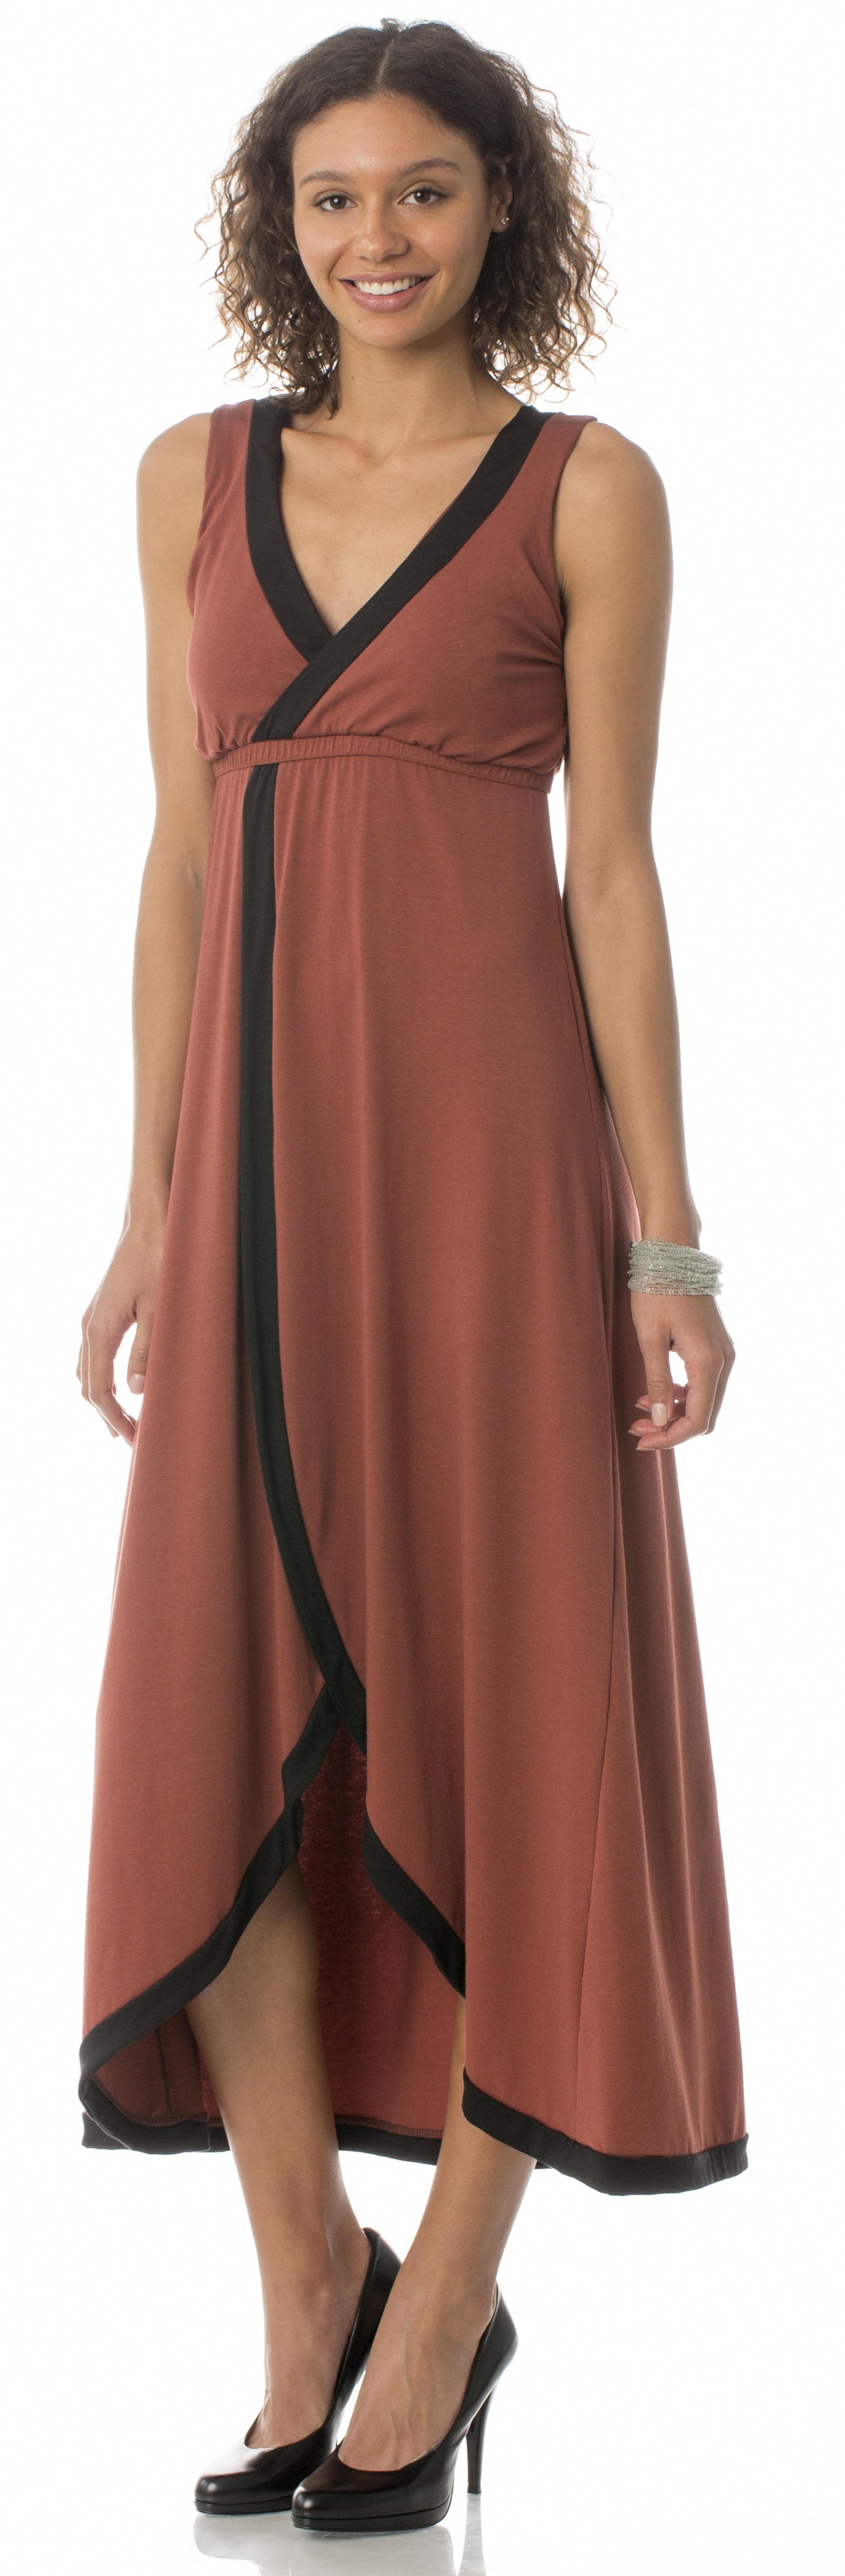 majamas-dream-nursing-dress-14-2100-picante